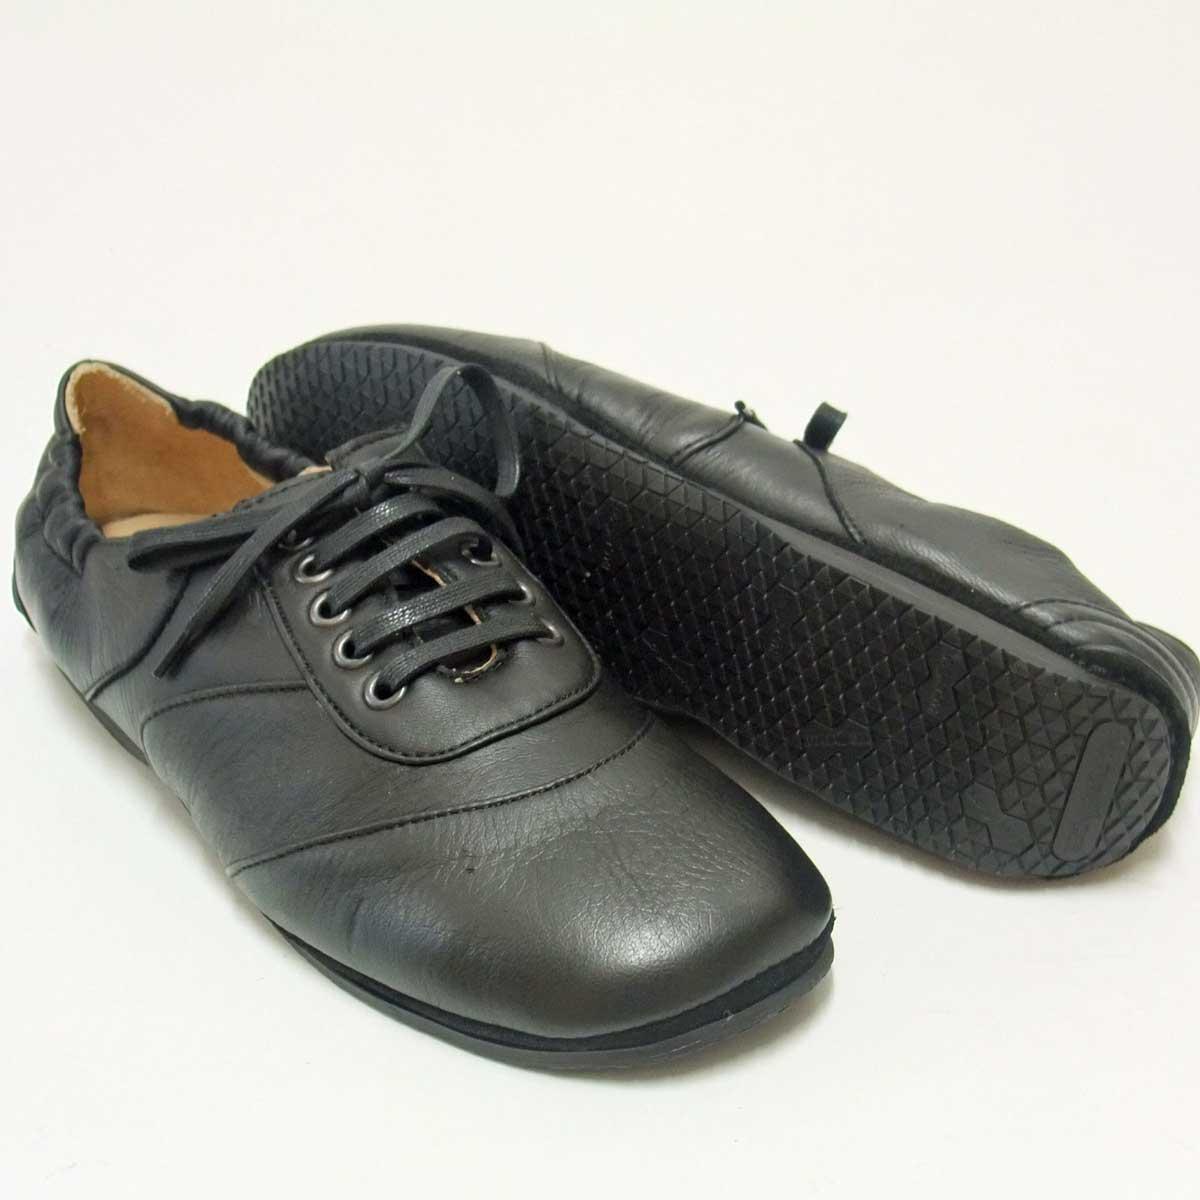 足をやさしく包み込む快適シューズHAFLINGER ハフリンガー 452002 ブラック(レディース)甲薄の方も安心シュータンパッド「靴」